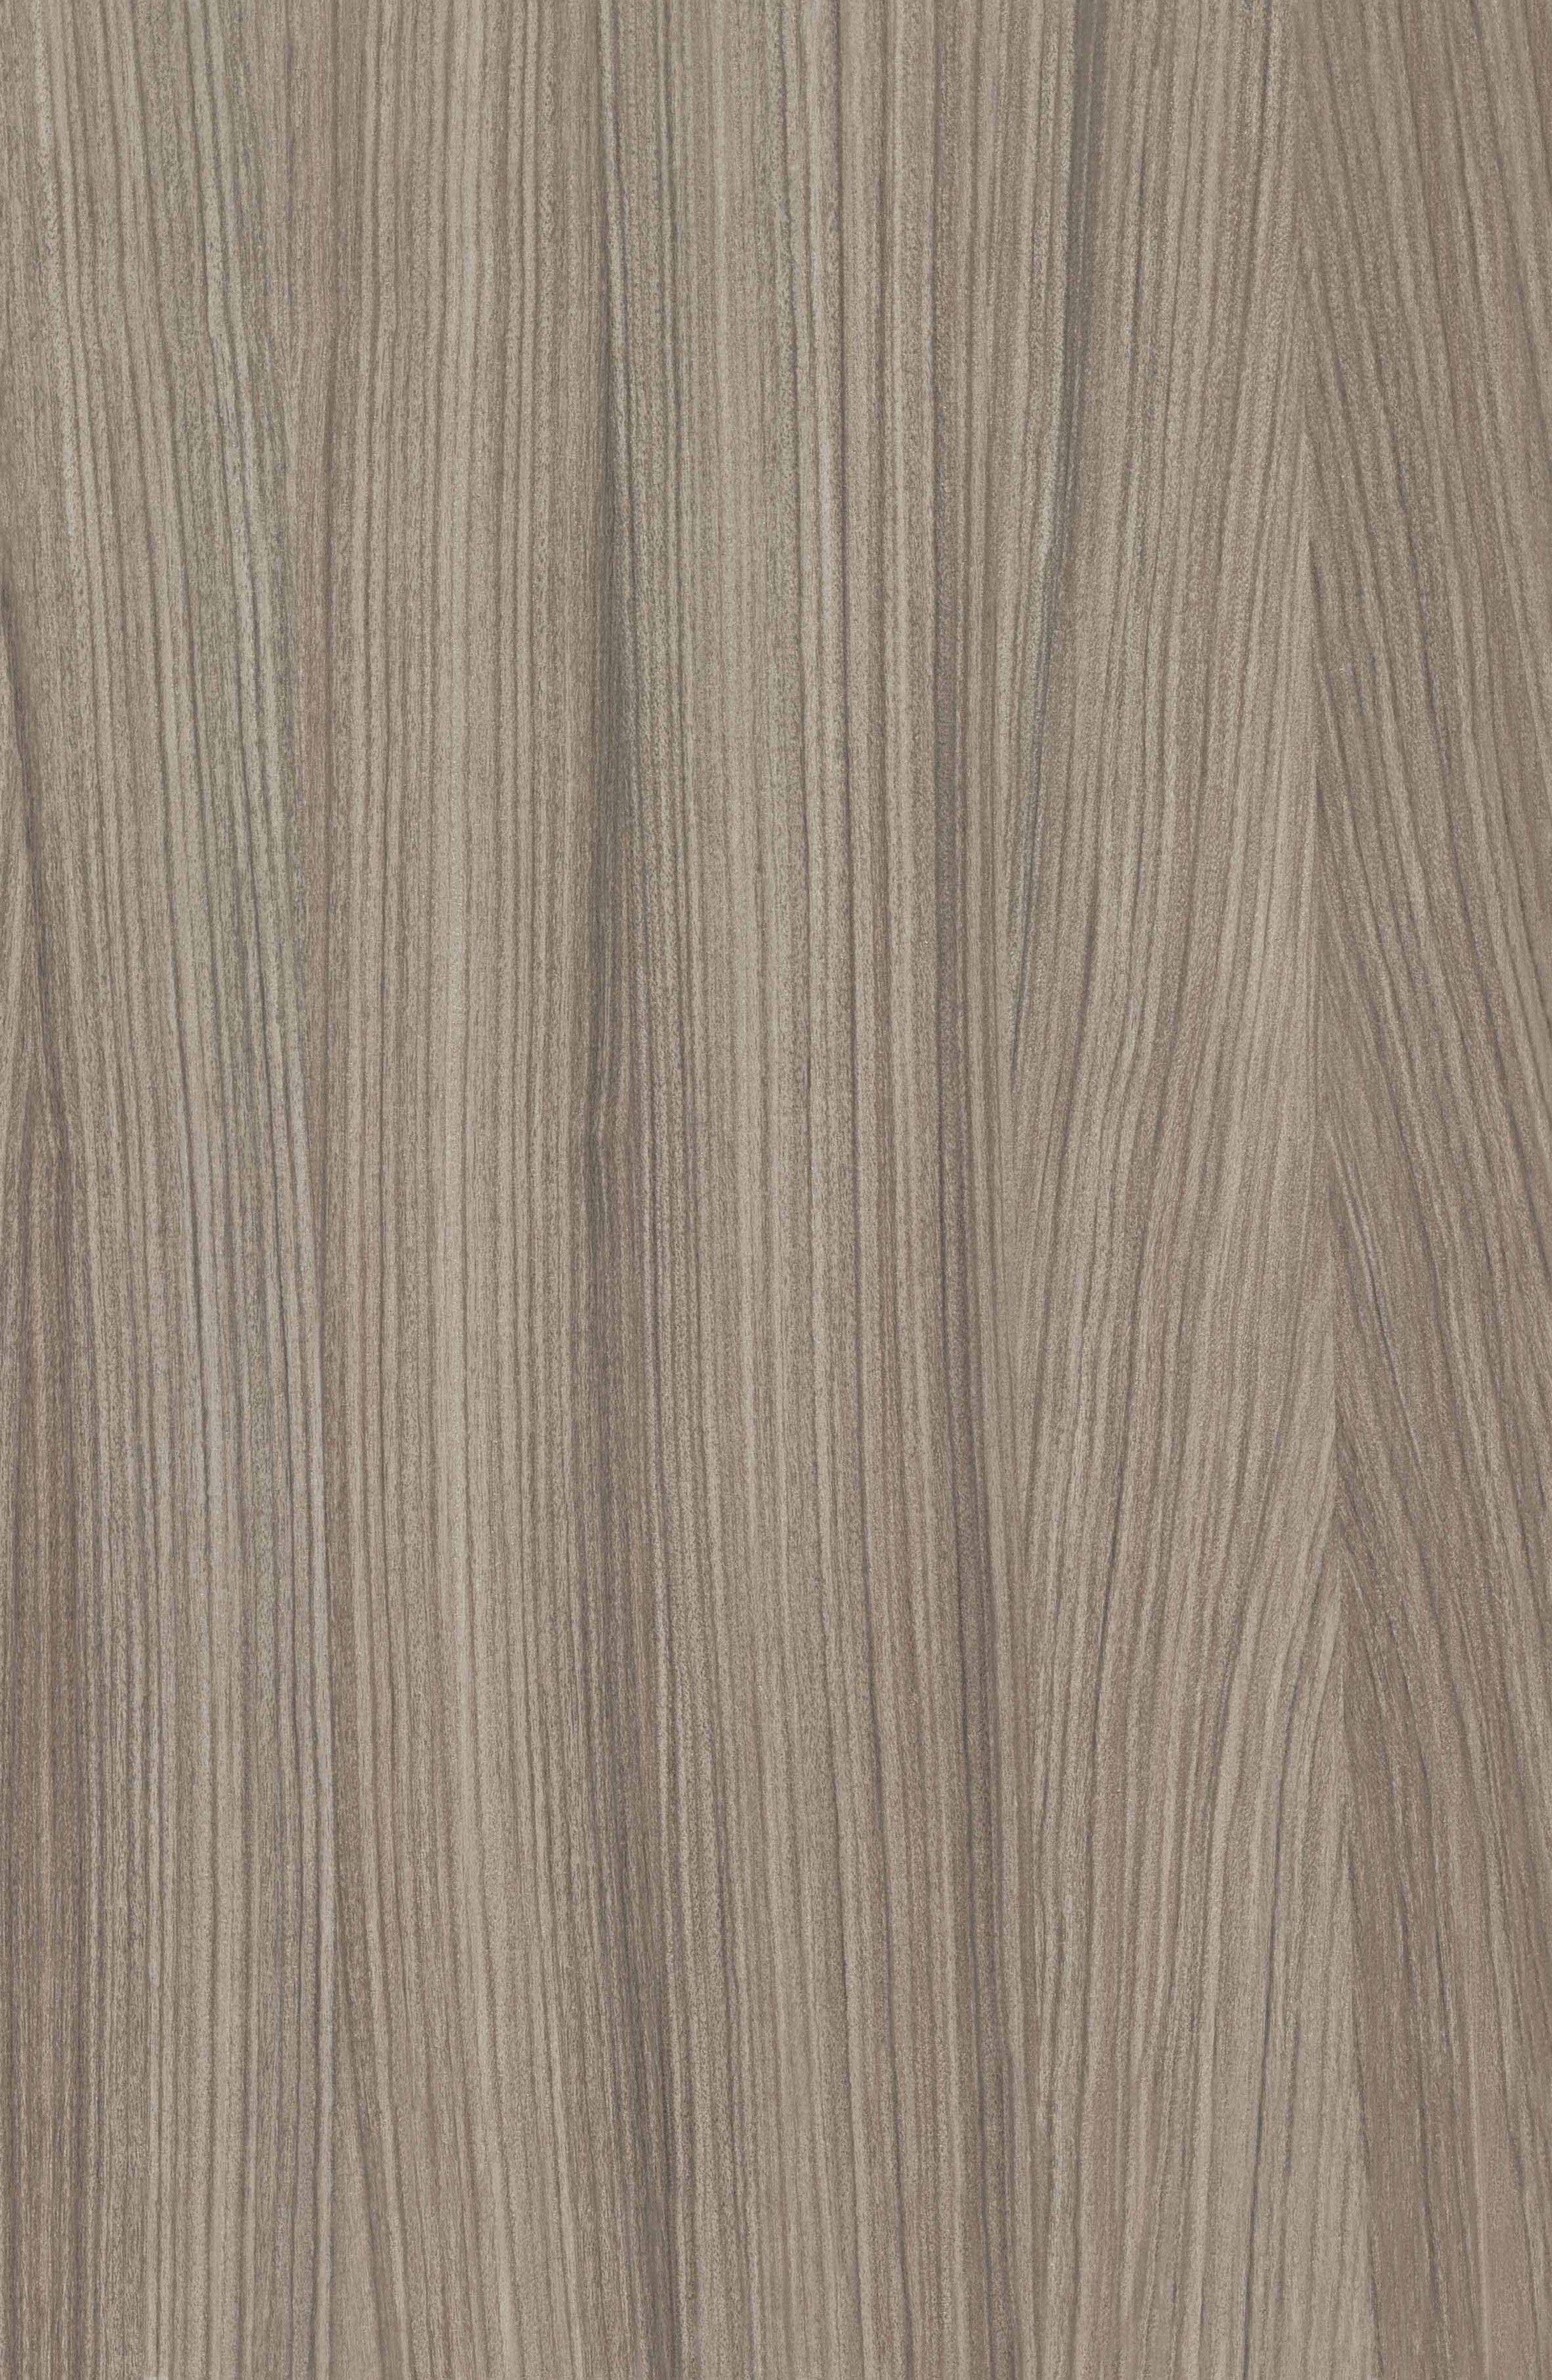 Pin By Pan Stu On Stock L Wood Walnut Wood Texture